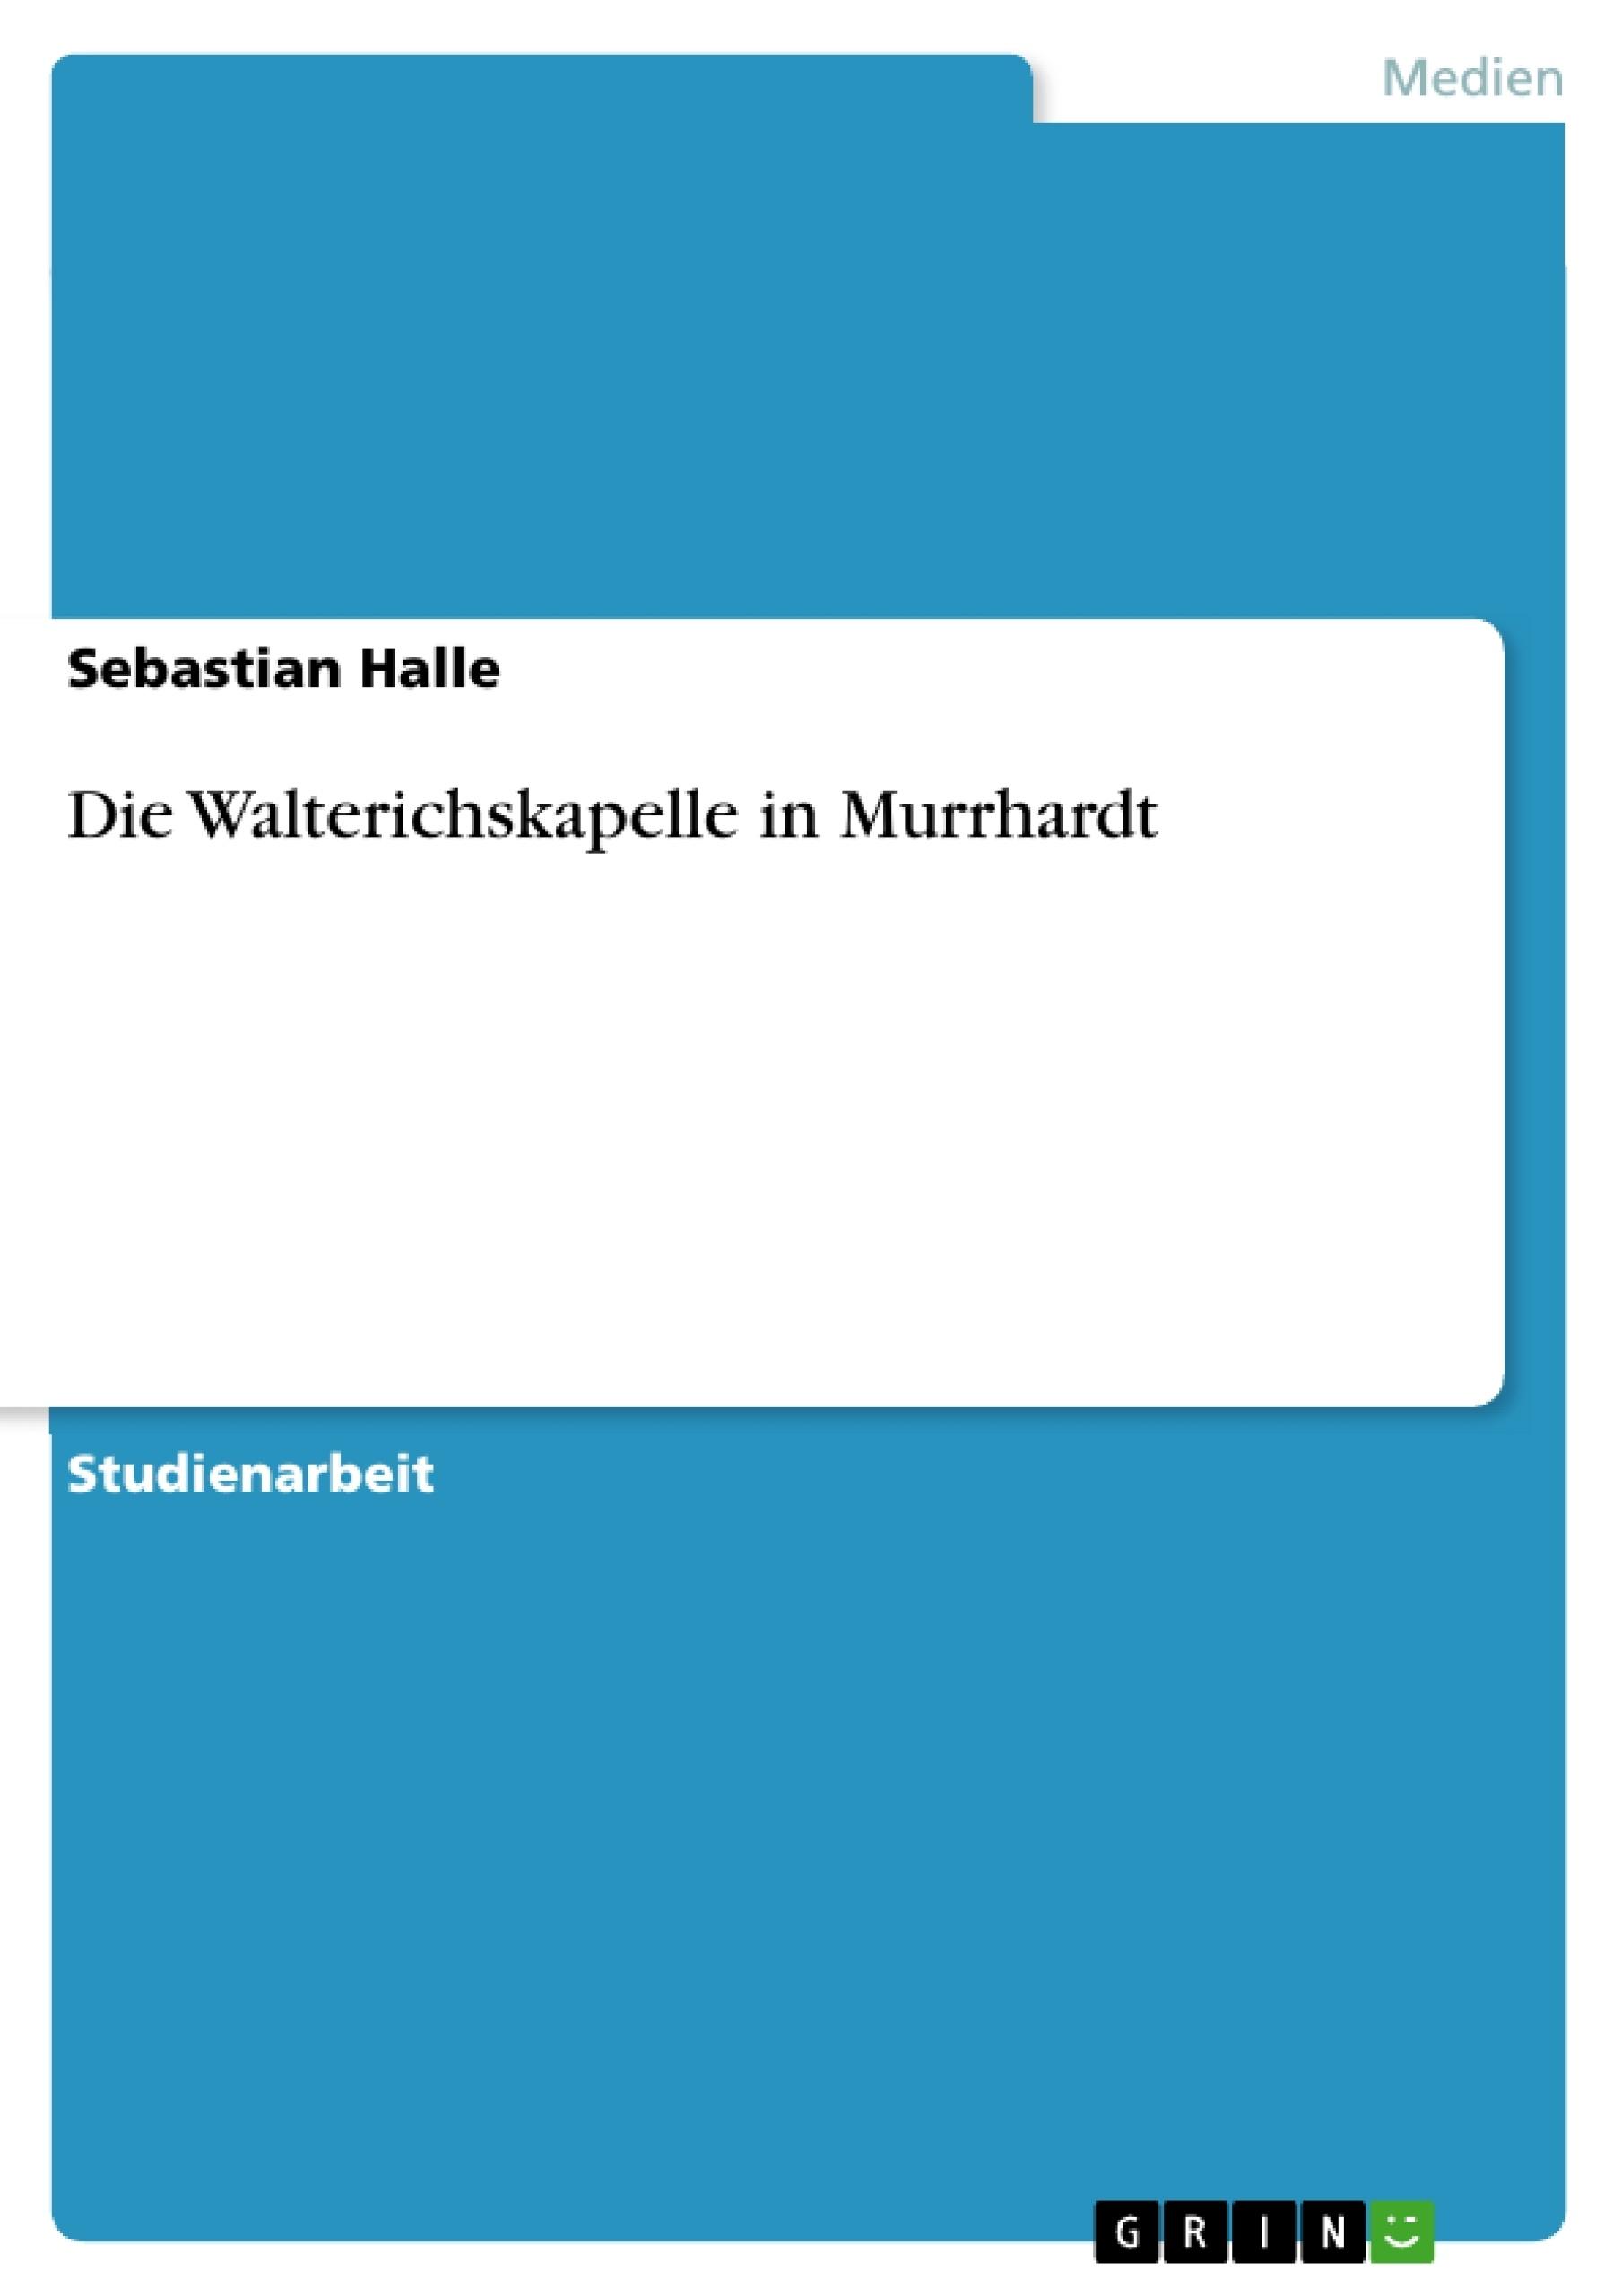 Titel: Die Walterichskapelle in Murrhardt